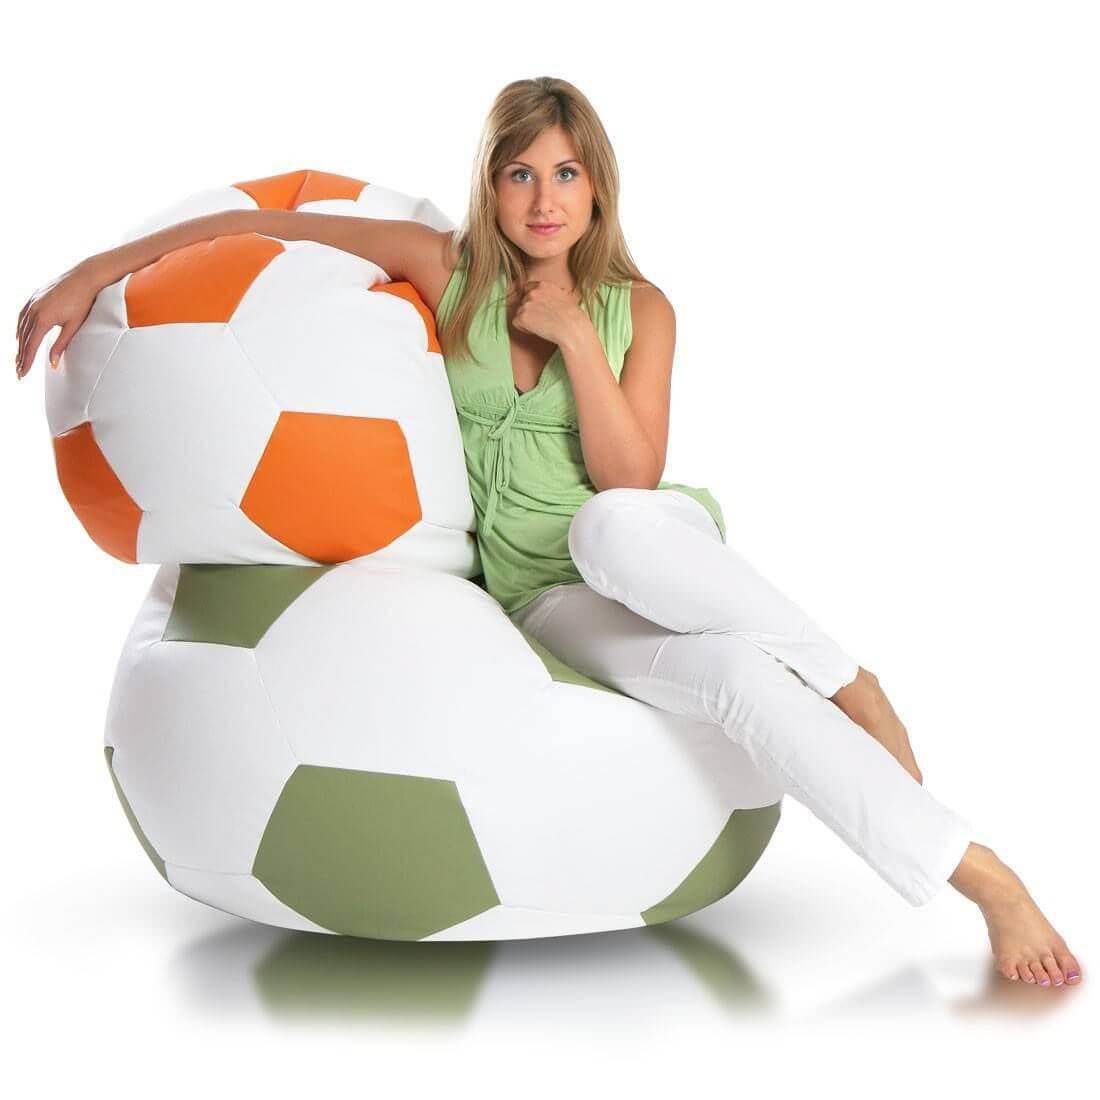 Fotbalový míč velký ekokůže oranzova